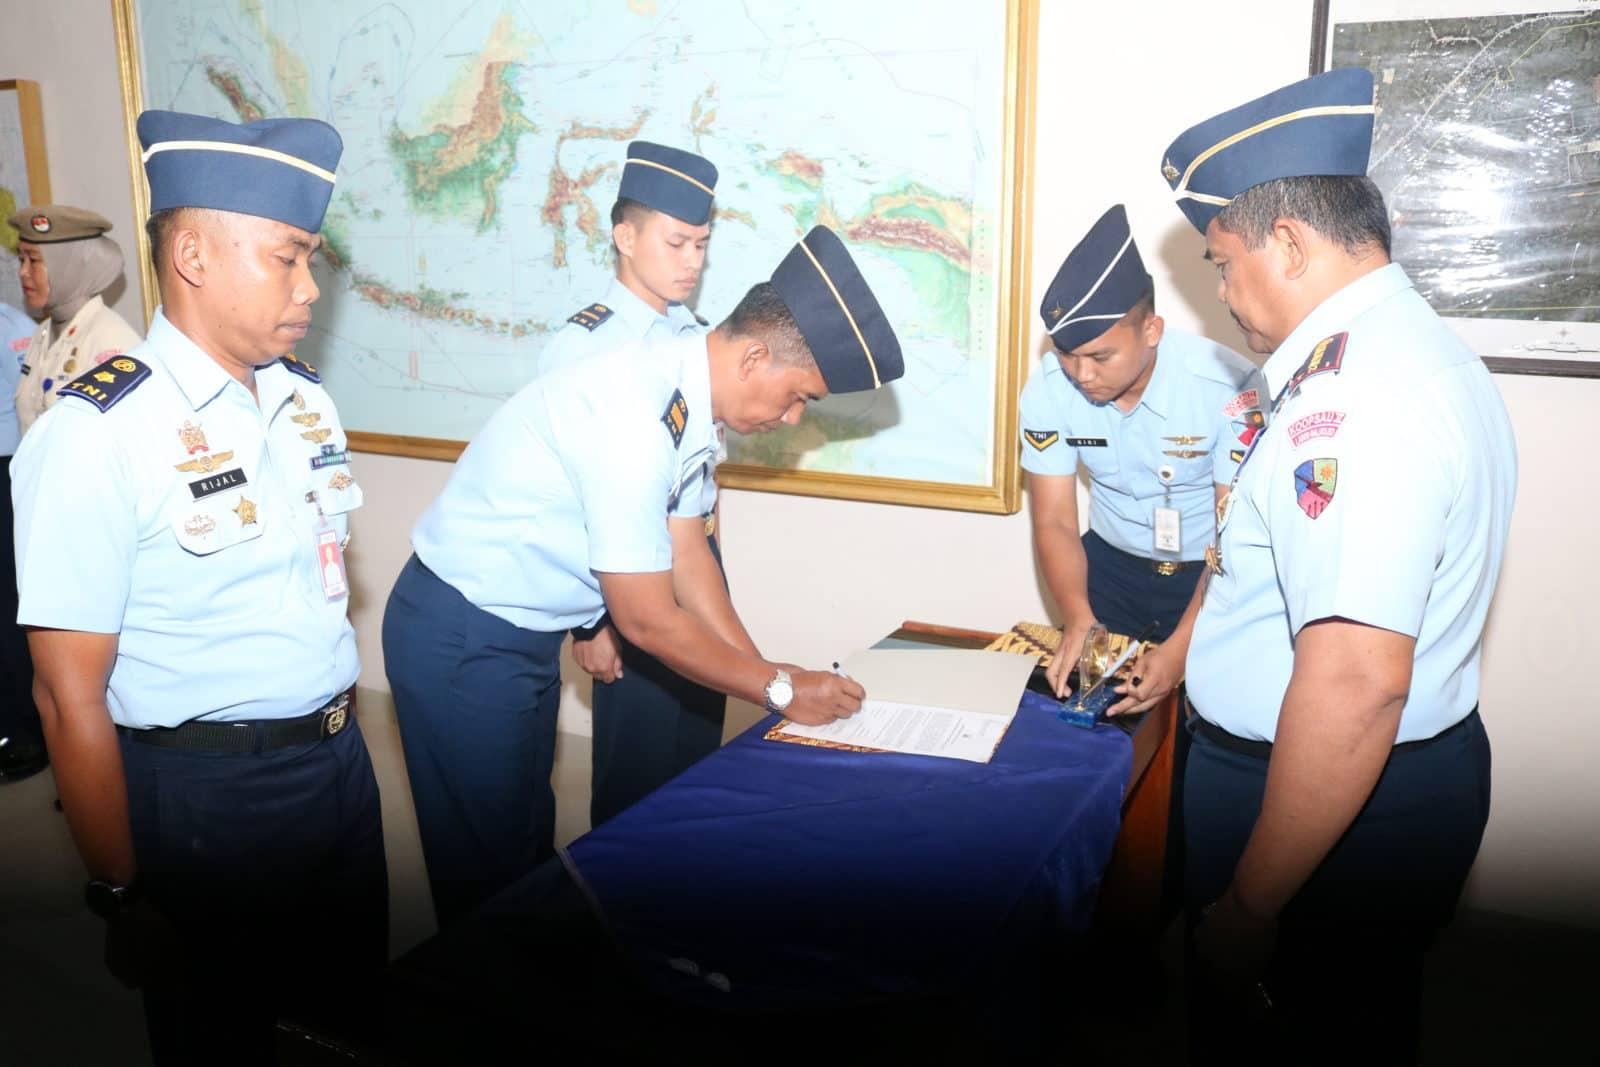 Penandatangan Pakta Integritas Rekrutmen Casis Bintara Pk Tahun 2019 Di Lanud Haluoleo